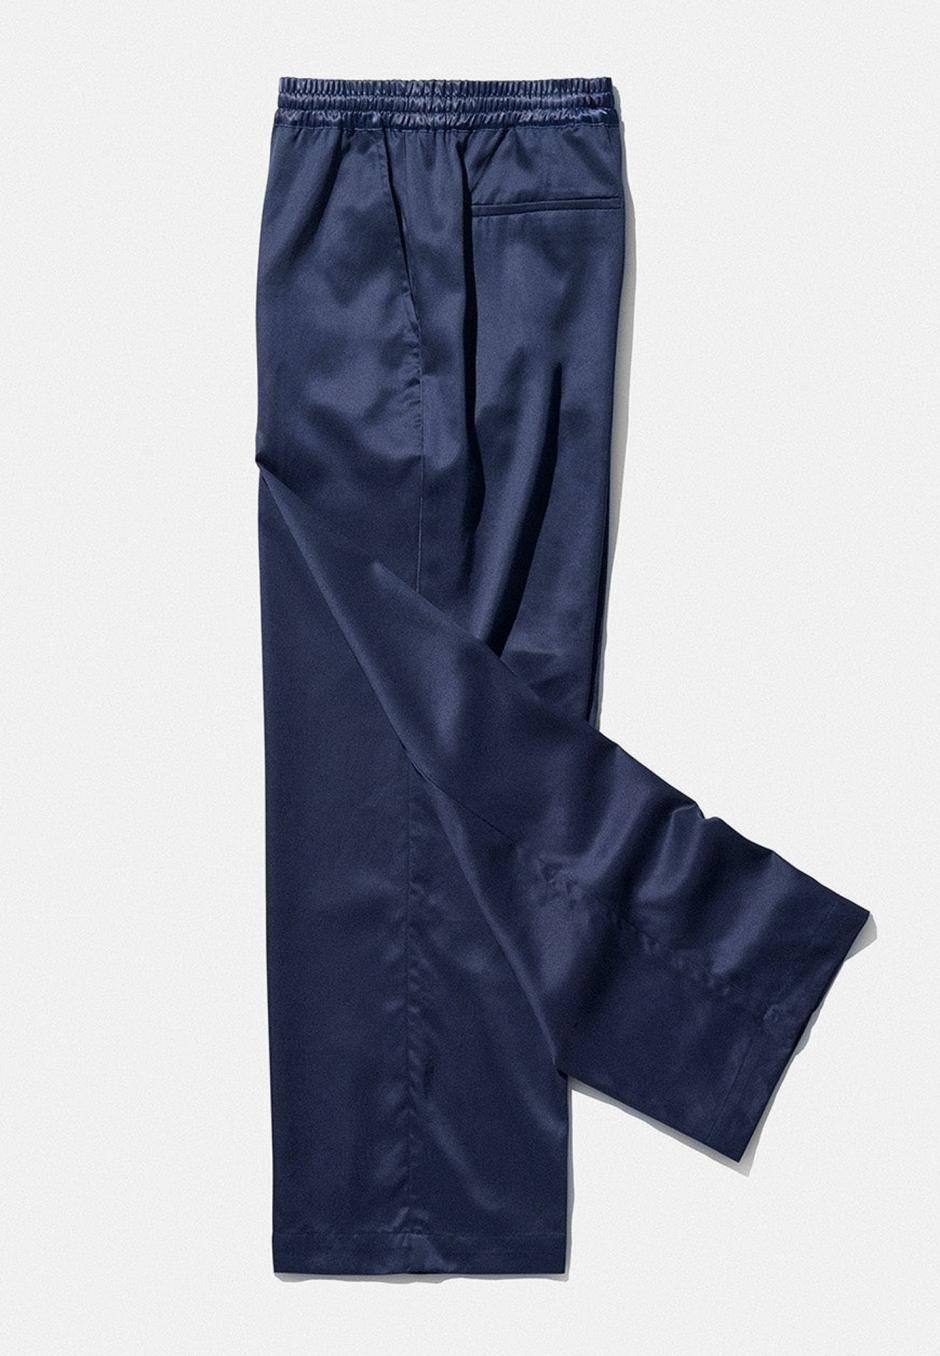 CDLP Home Suit Long